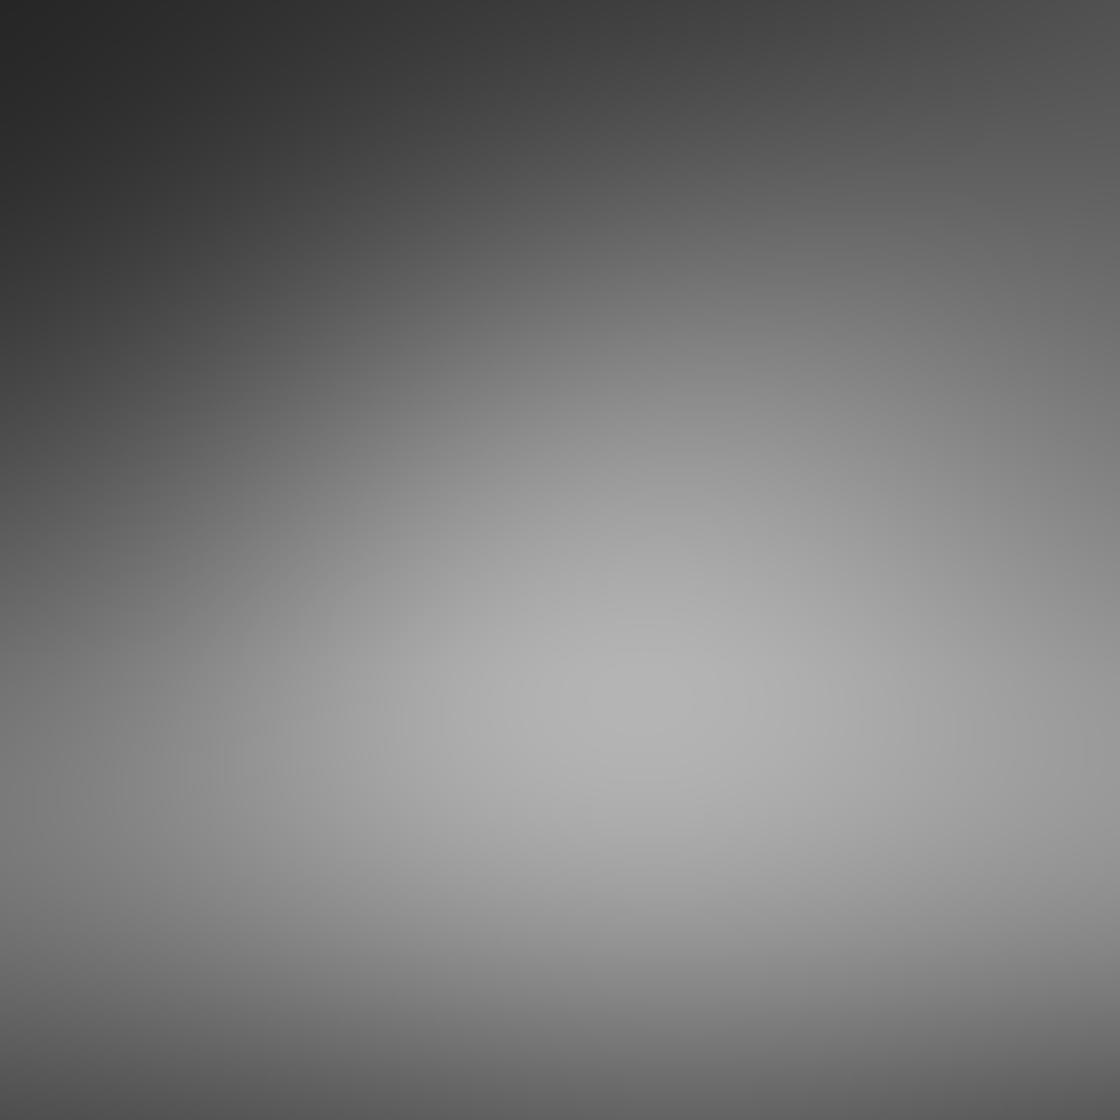 iPhone Empty Space Photo 15